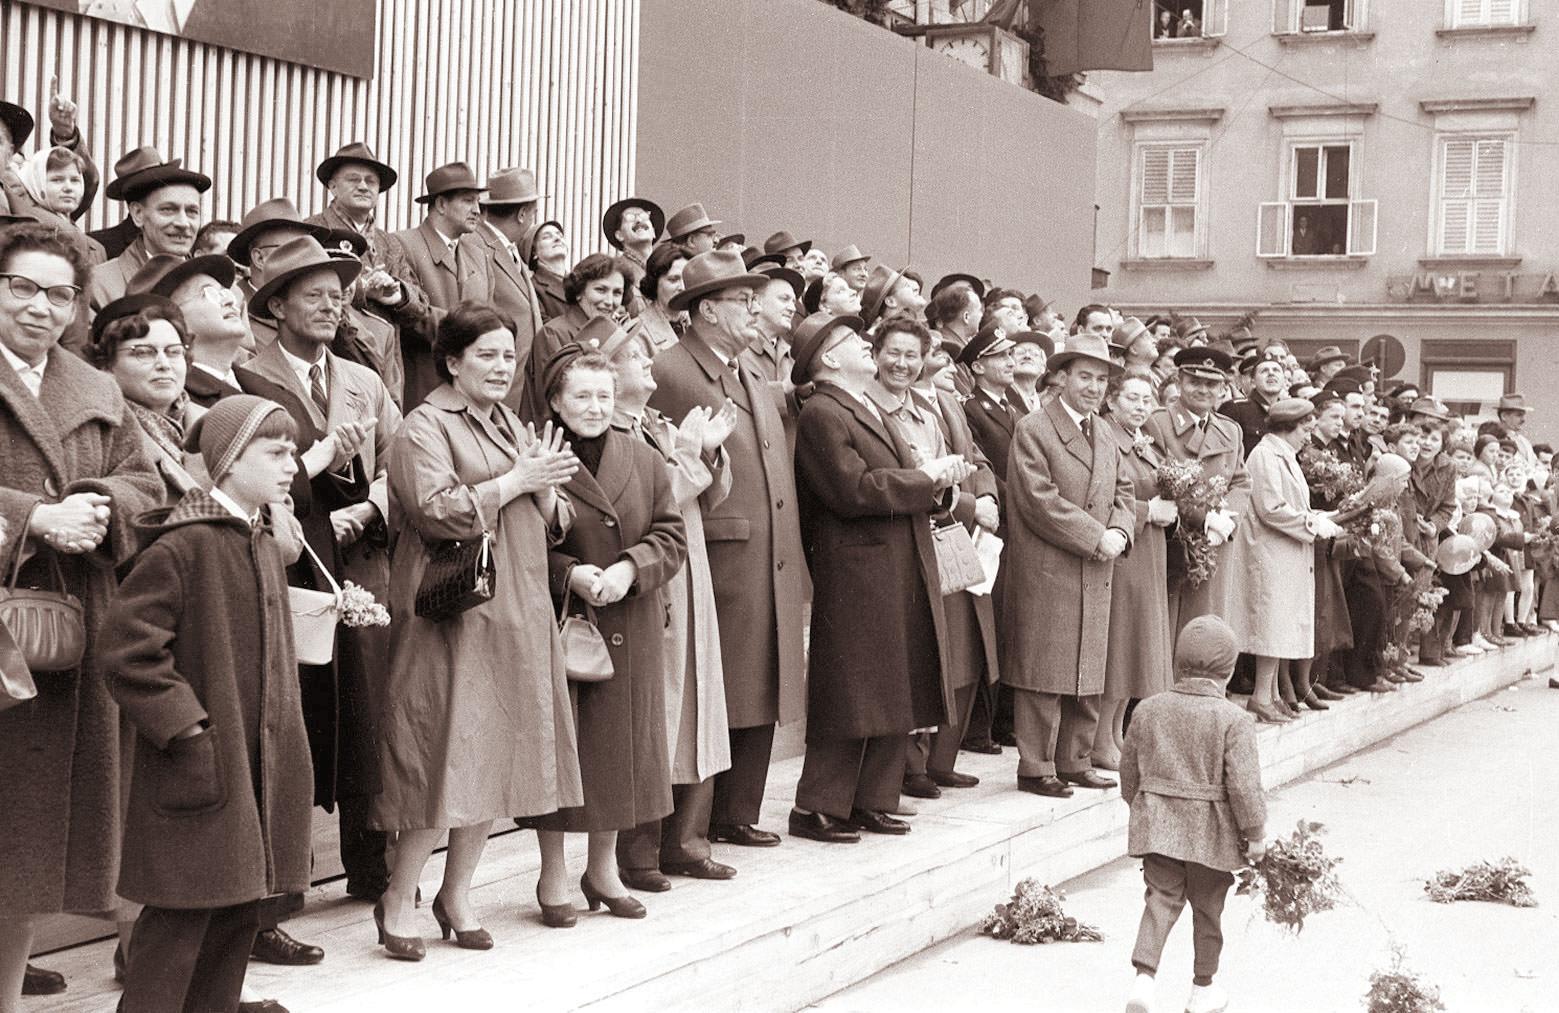 Slovenski politični vrh na prvomajskem sprevodu v Ljubljani leta 1960.